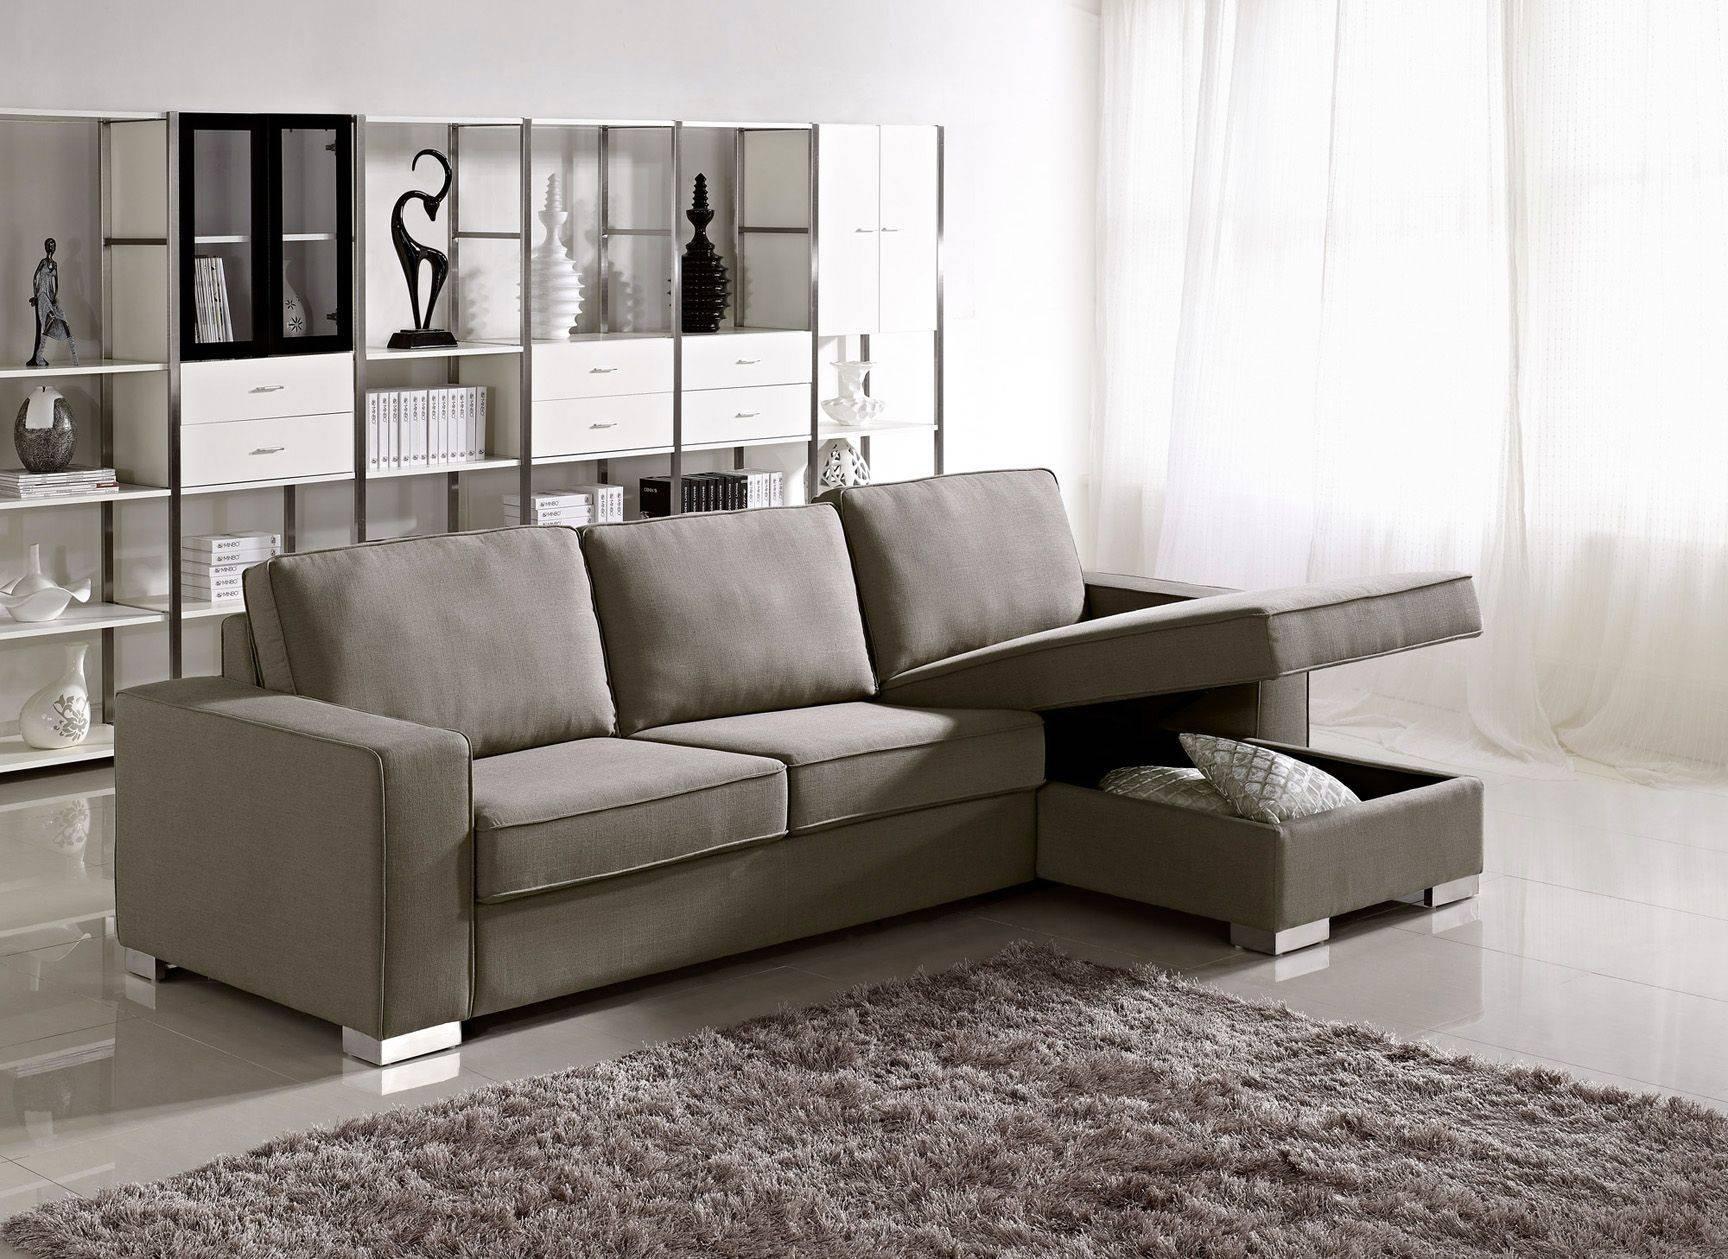 Popular Apartment Sleeper Sofa With Decade Aqua Sofa Image 8 Of 13 regarding Aqua Sofa Beds (Image 25 of 30)